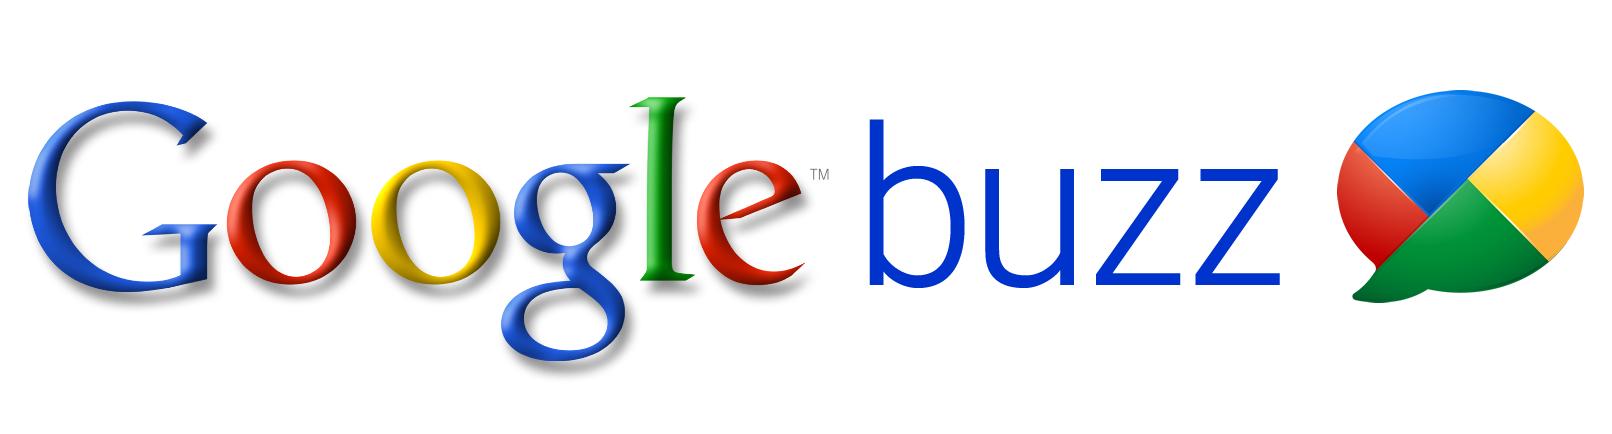 Google_buzz_logo